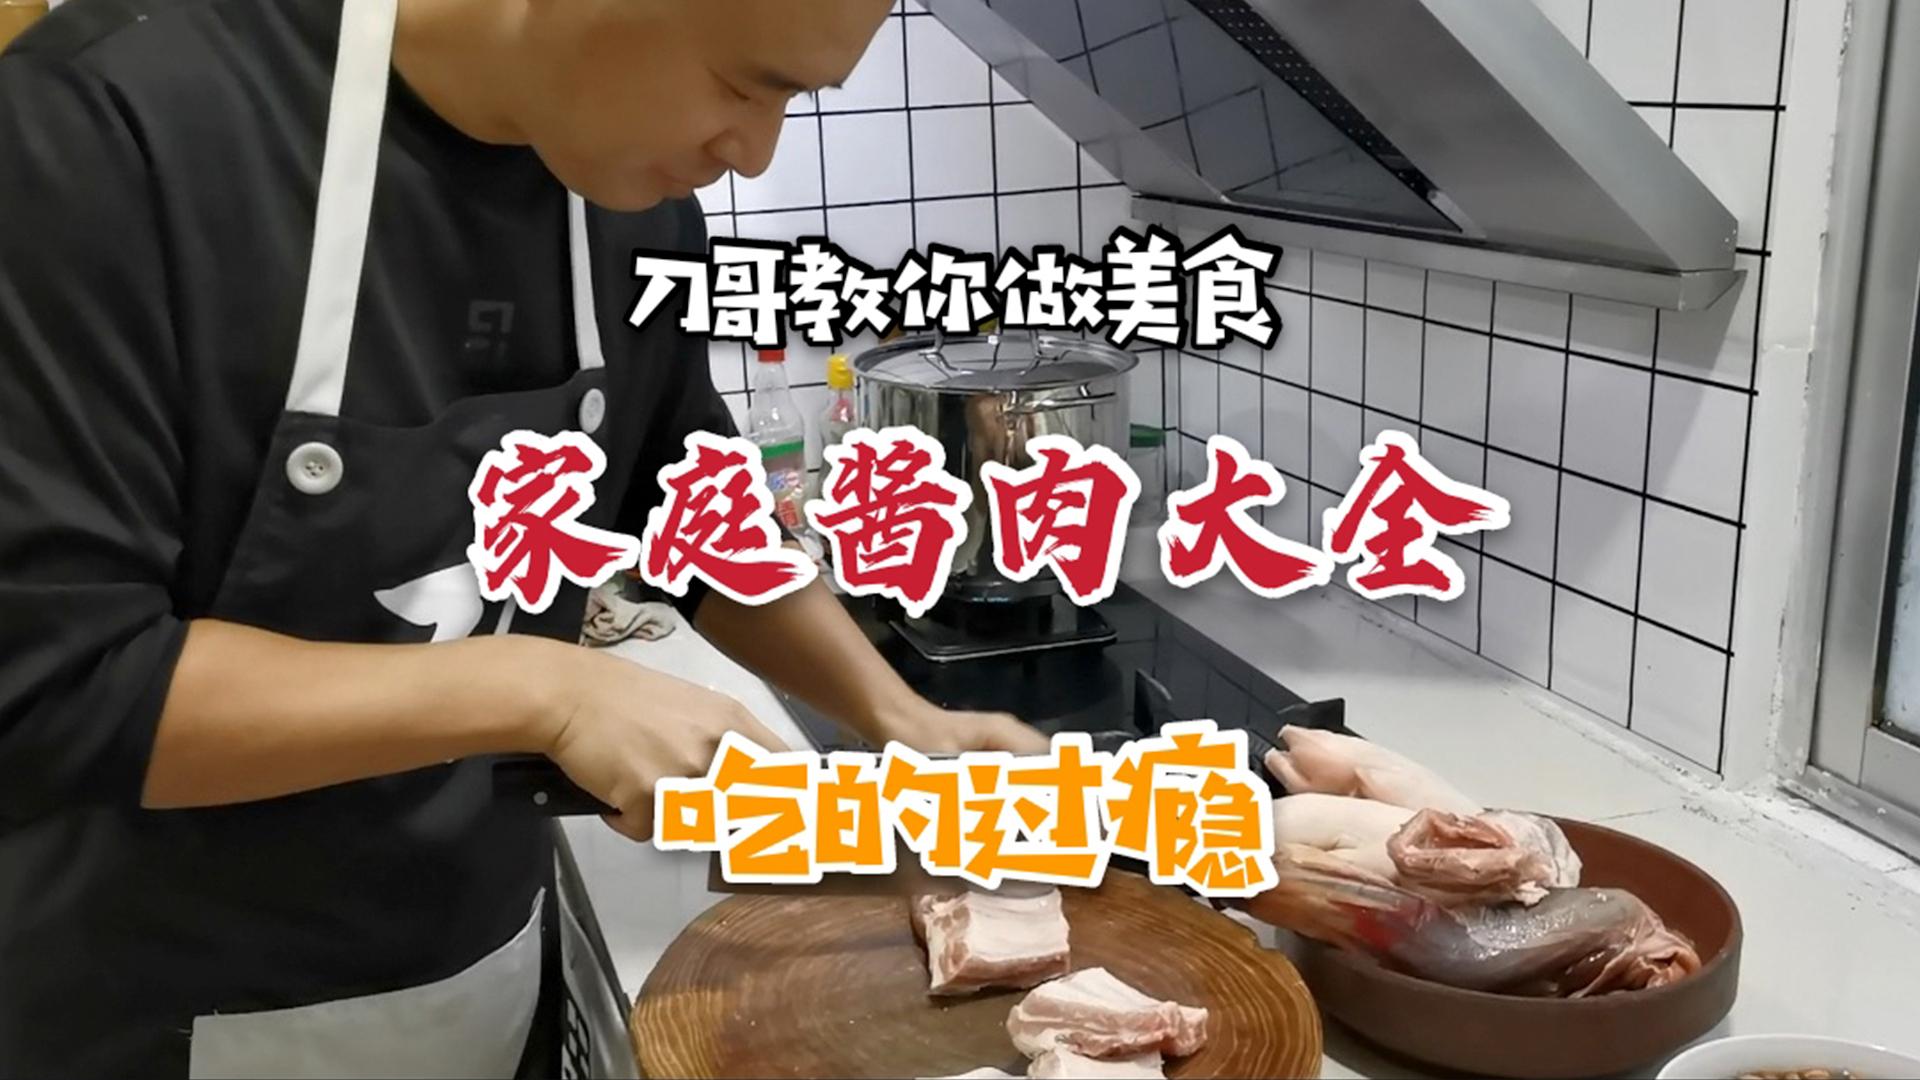 家里来了客人,乡村老哥酱了一锅肉,又煮了各种素菜,个个都好吃